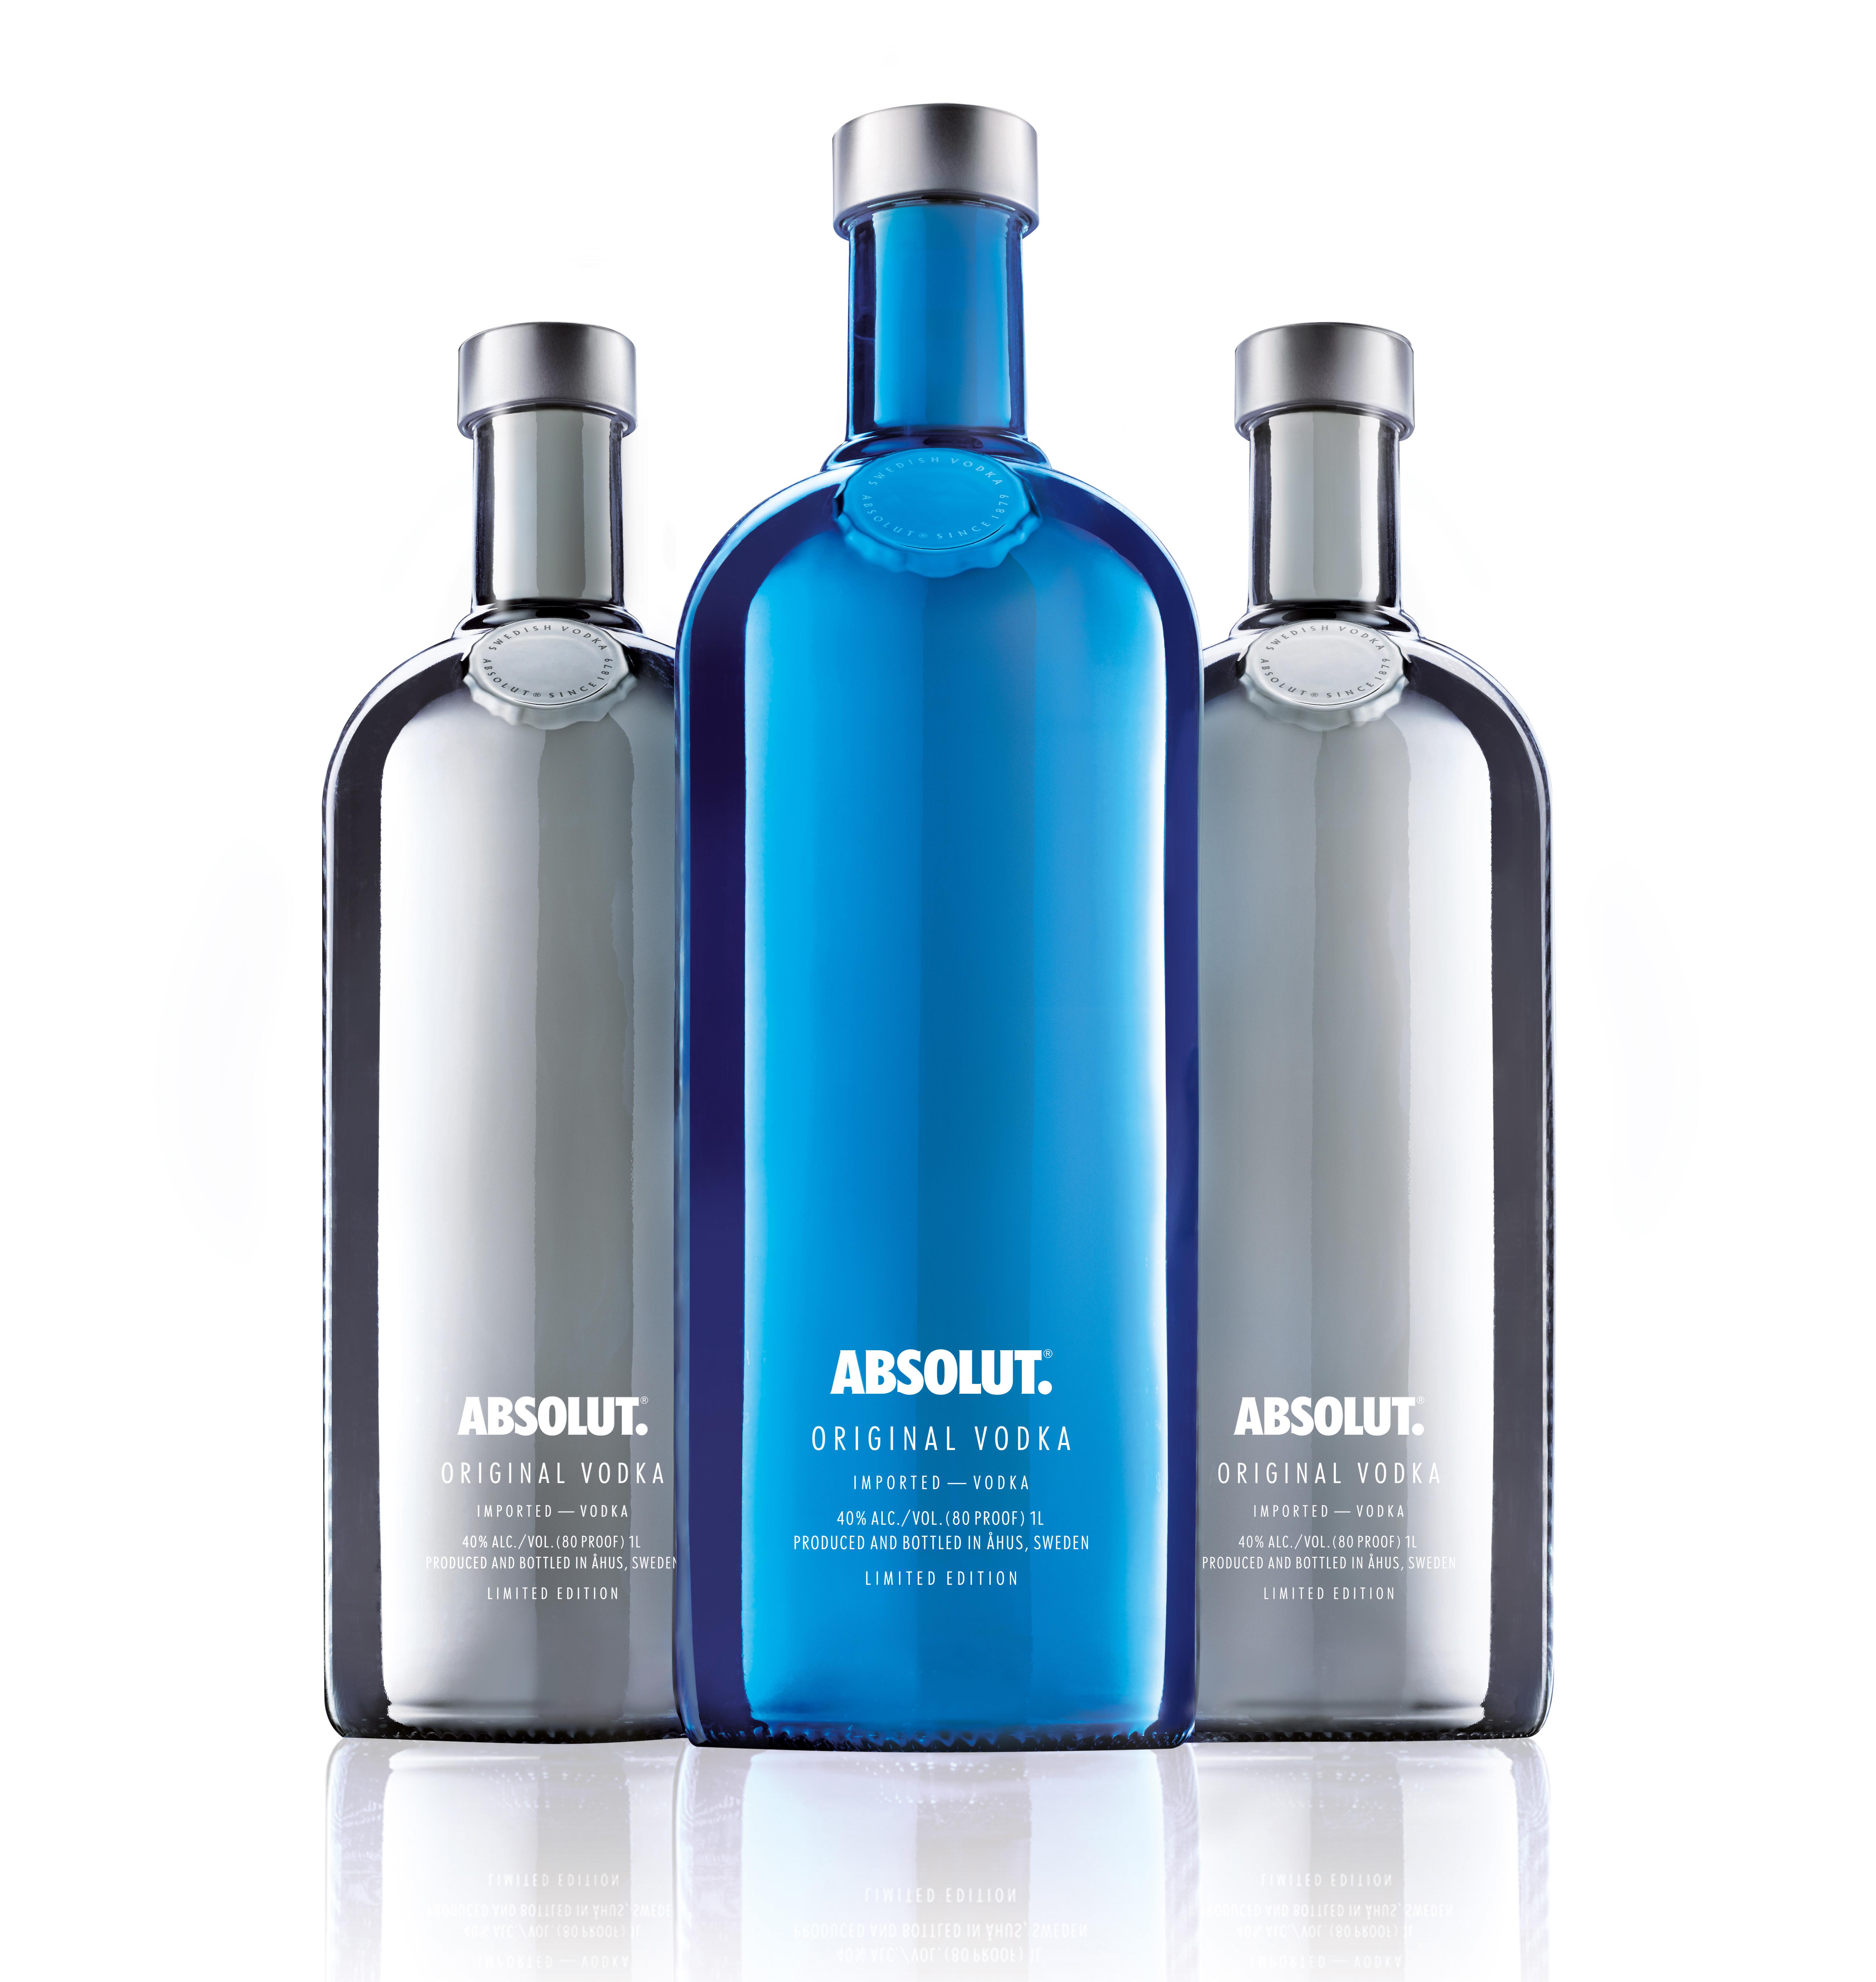 Absolut Vodka dévoile son édition limitée 2015